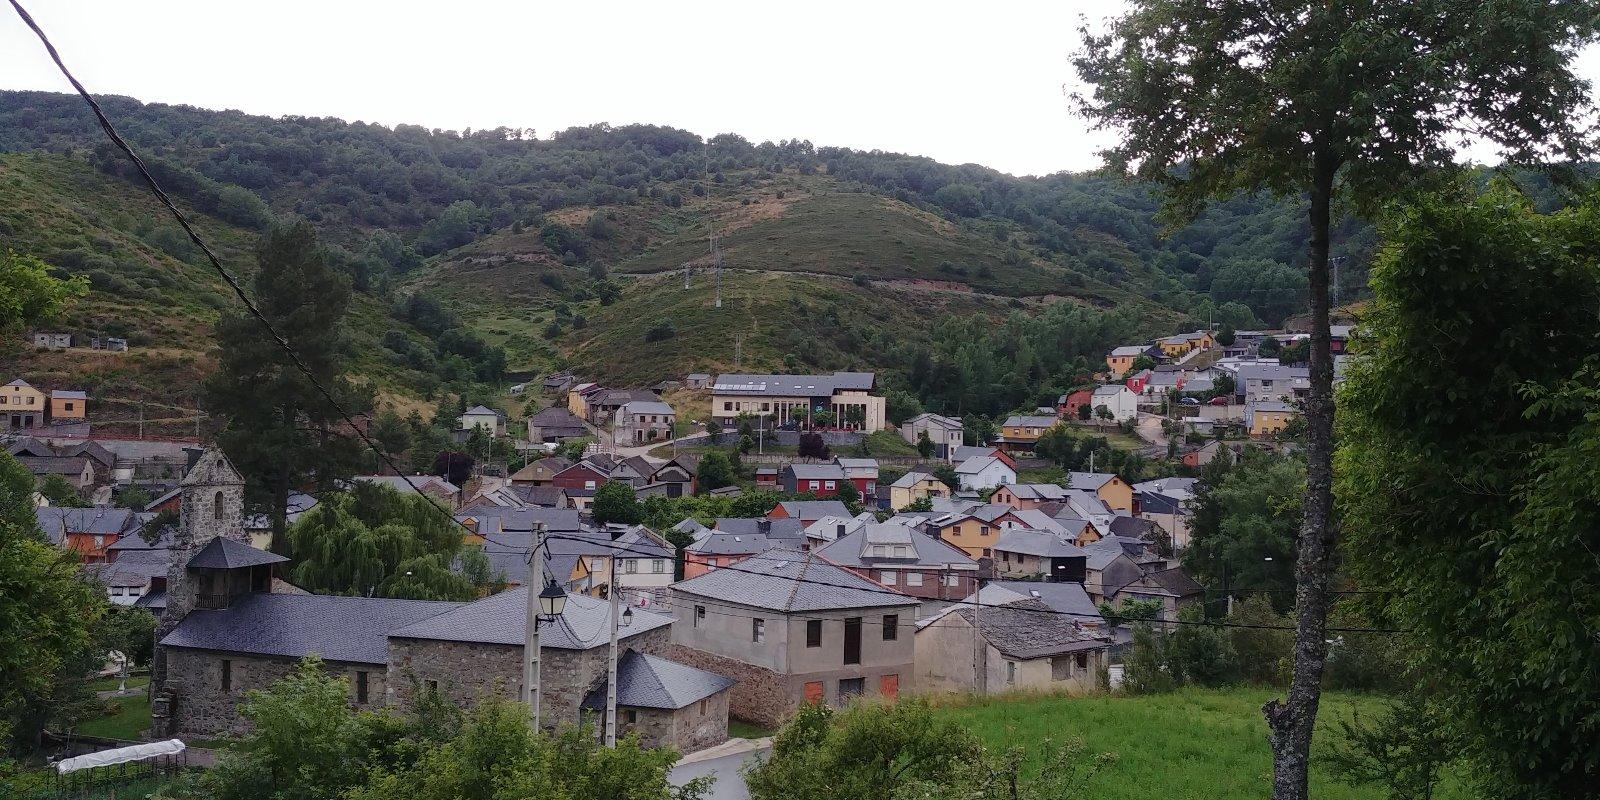 Campamento de verano  en la Naturaleza España turismo rural activo multiaventura montaña León